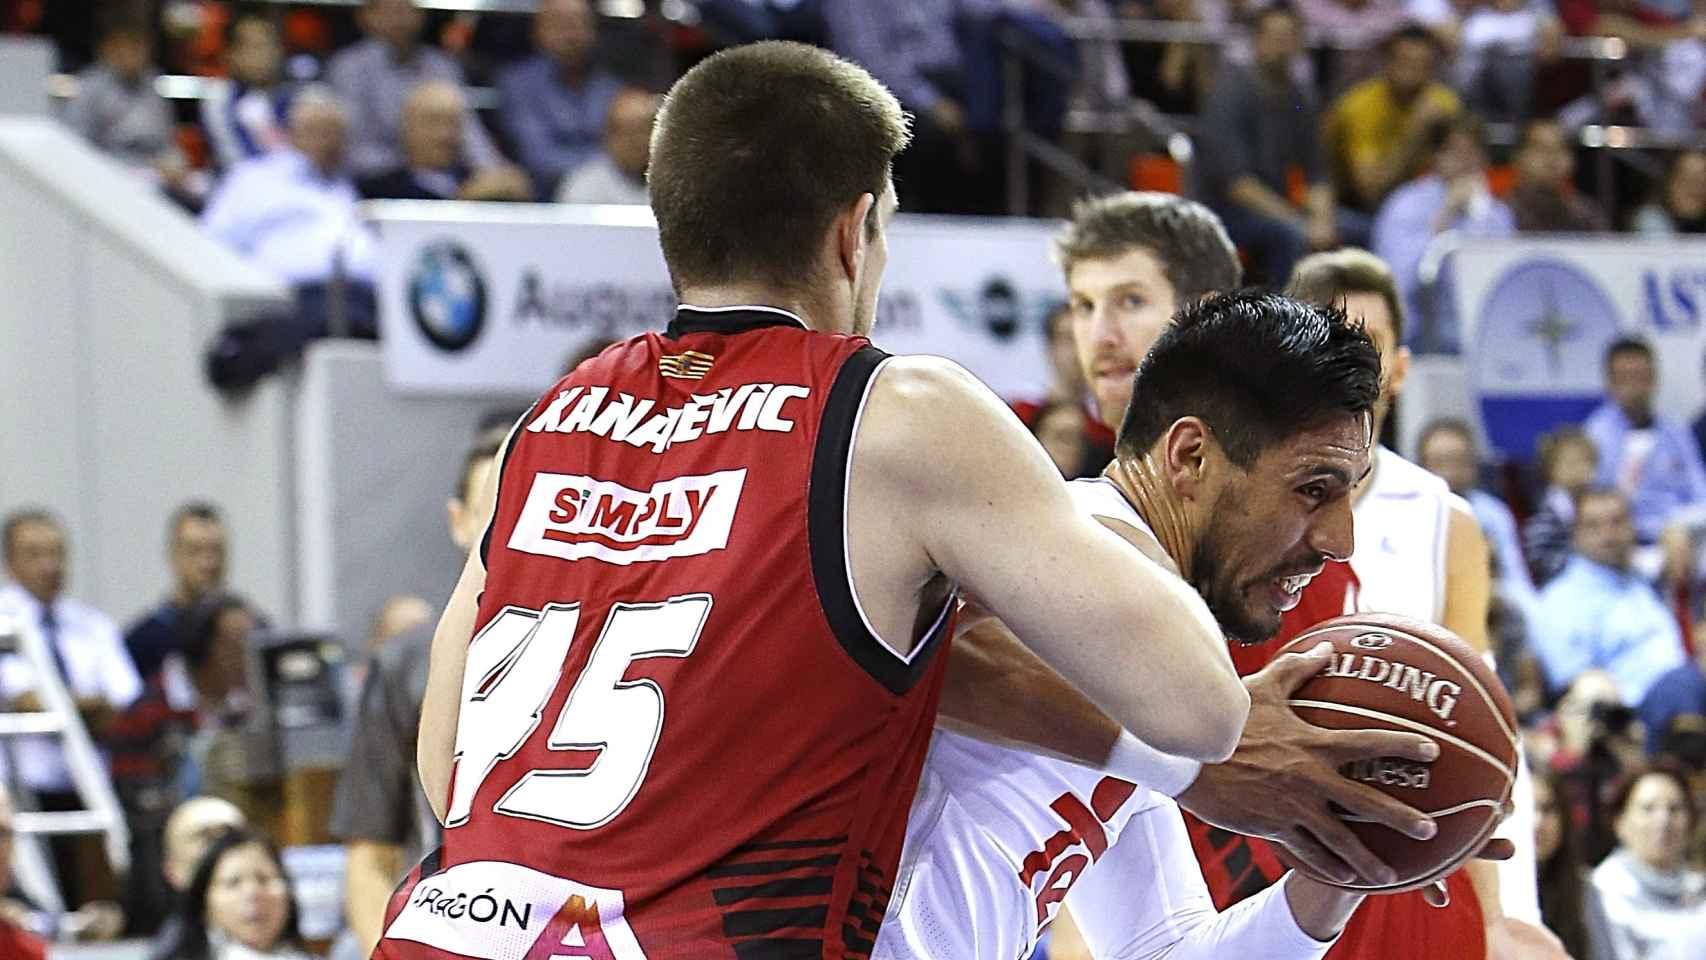 Gustavo Ayón intenta zafarse de Kanacevic durante el Real Madrid-CAI Zaragoza.